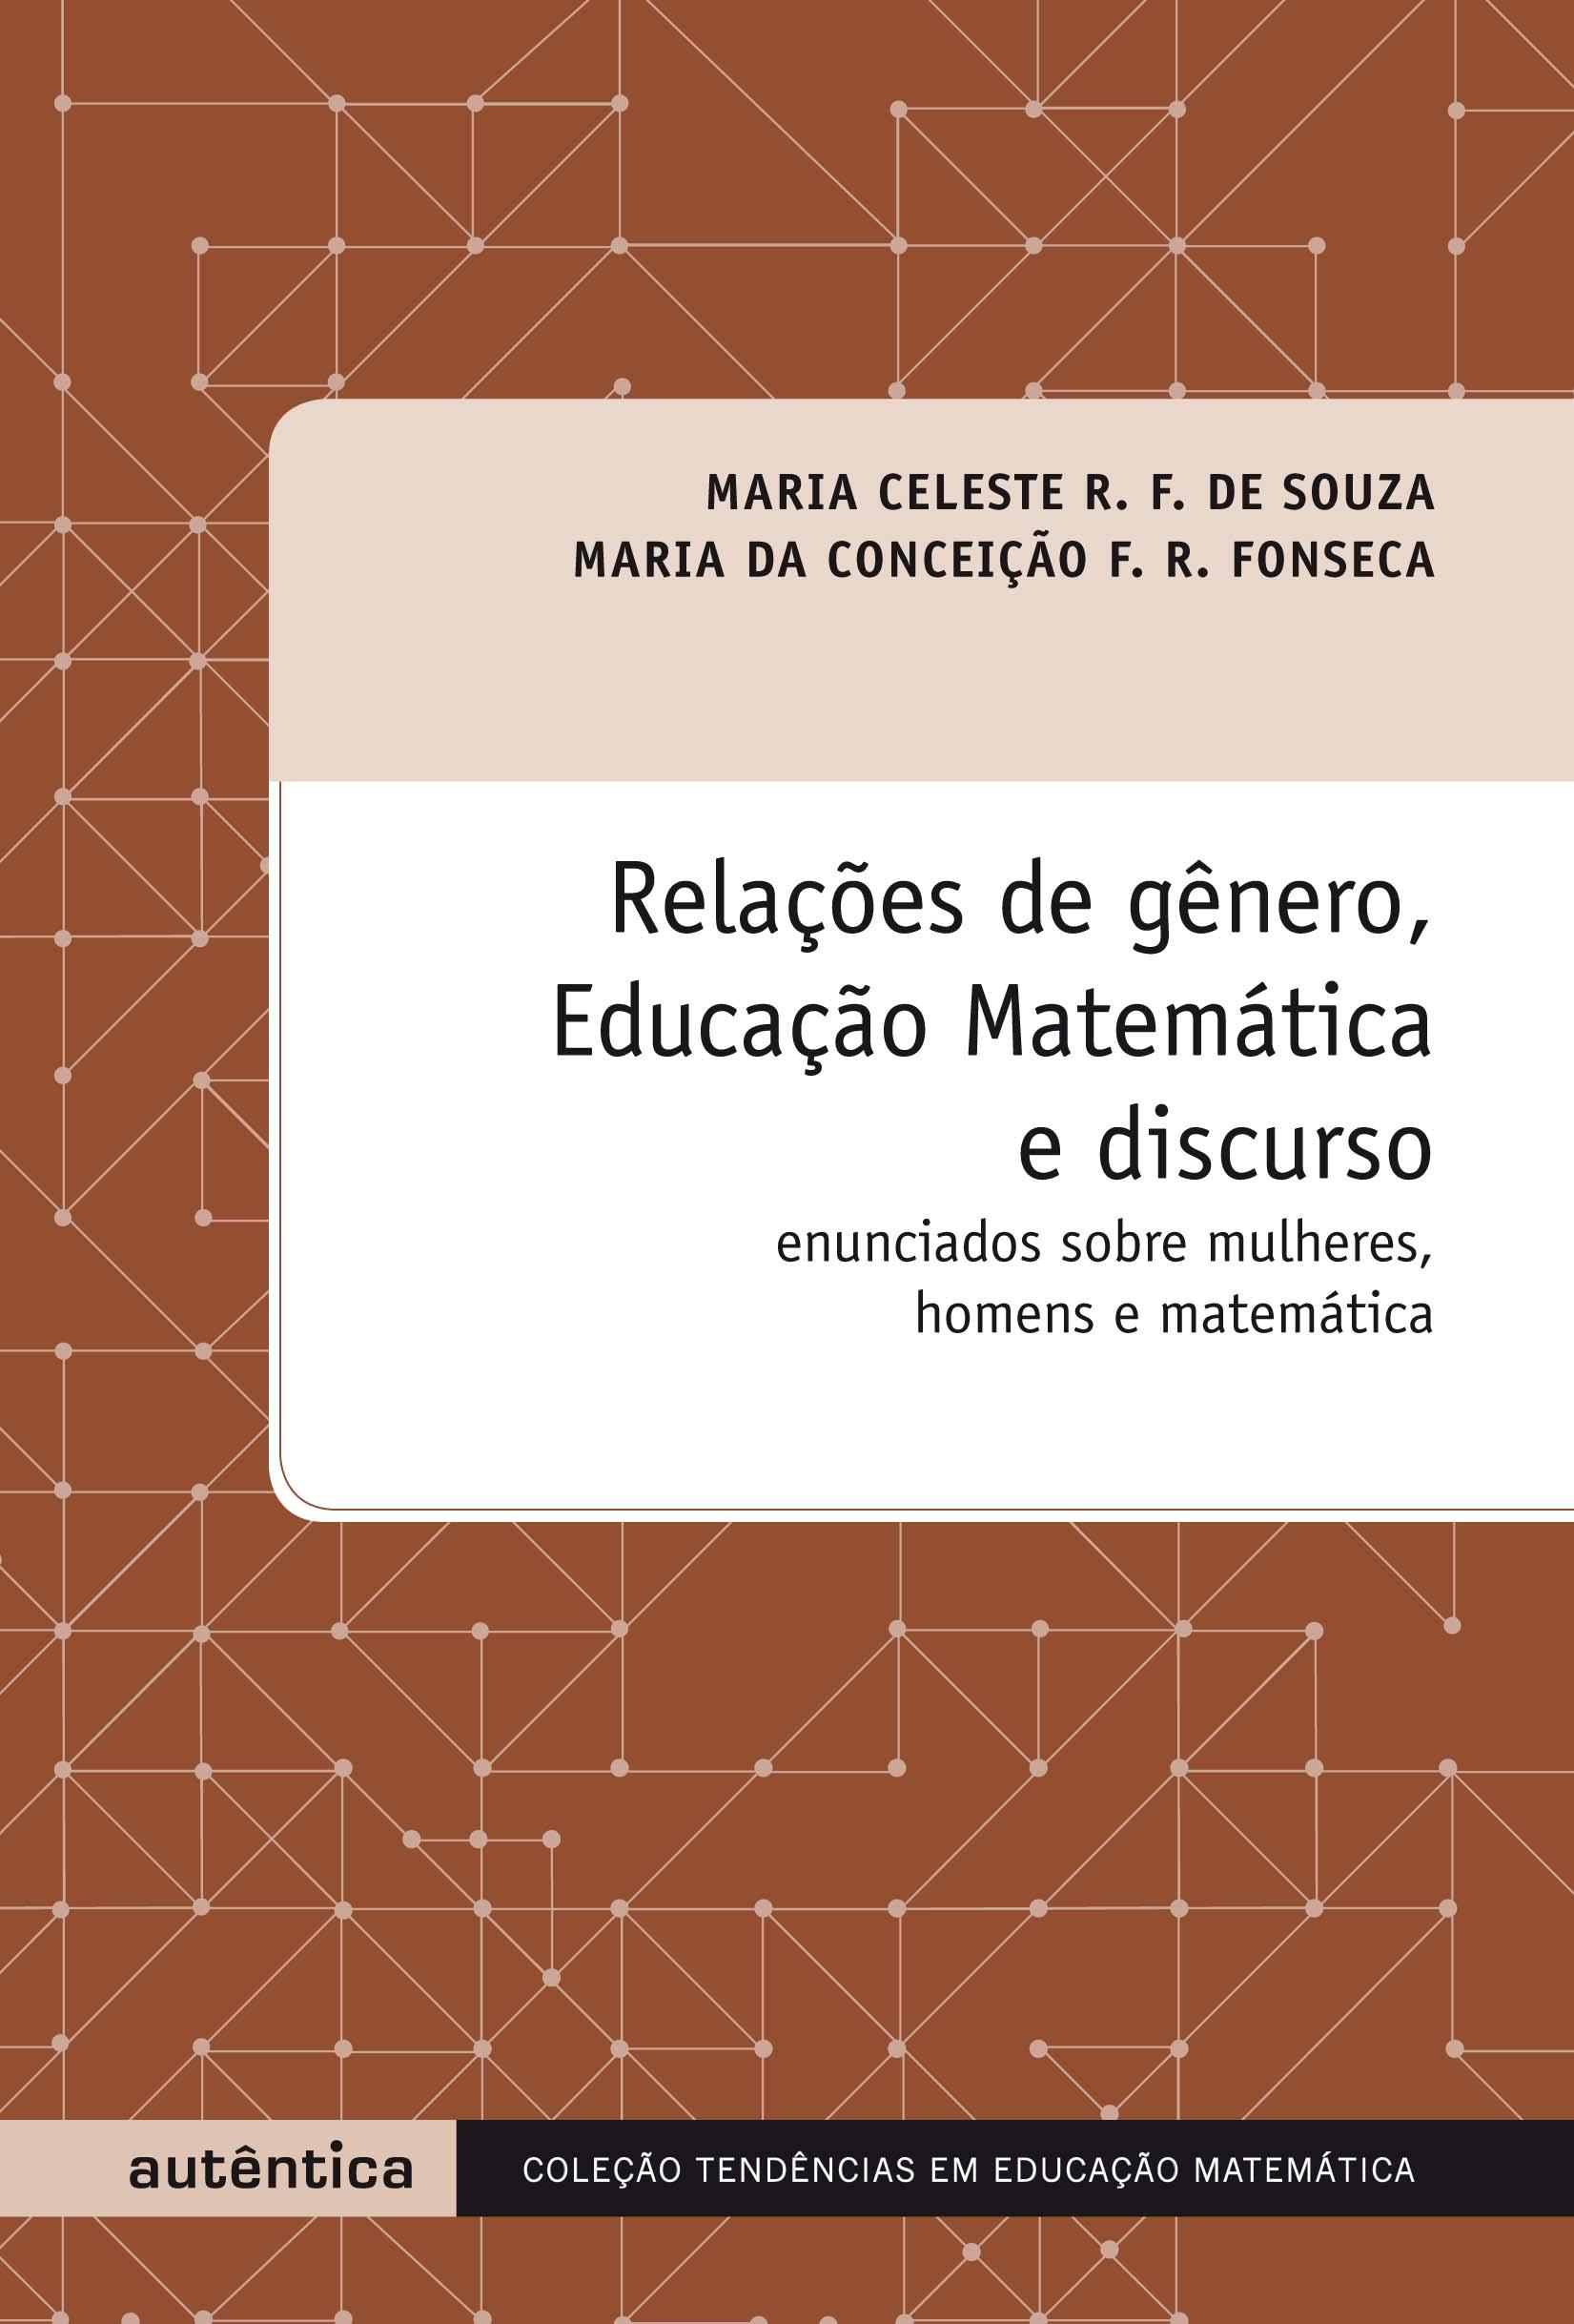 Relacões de Genero, Educacão, Matemática e Discurso